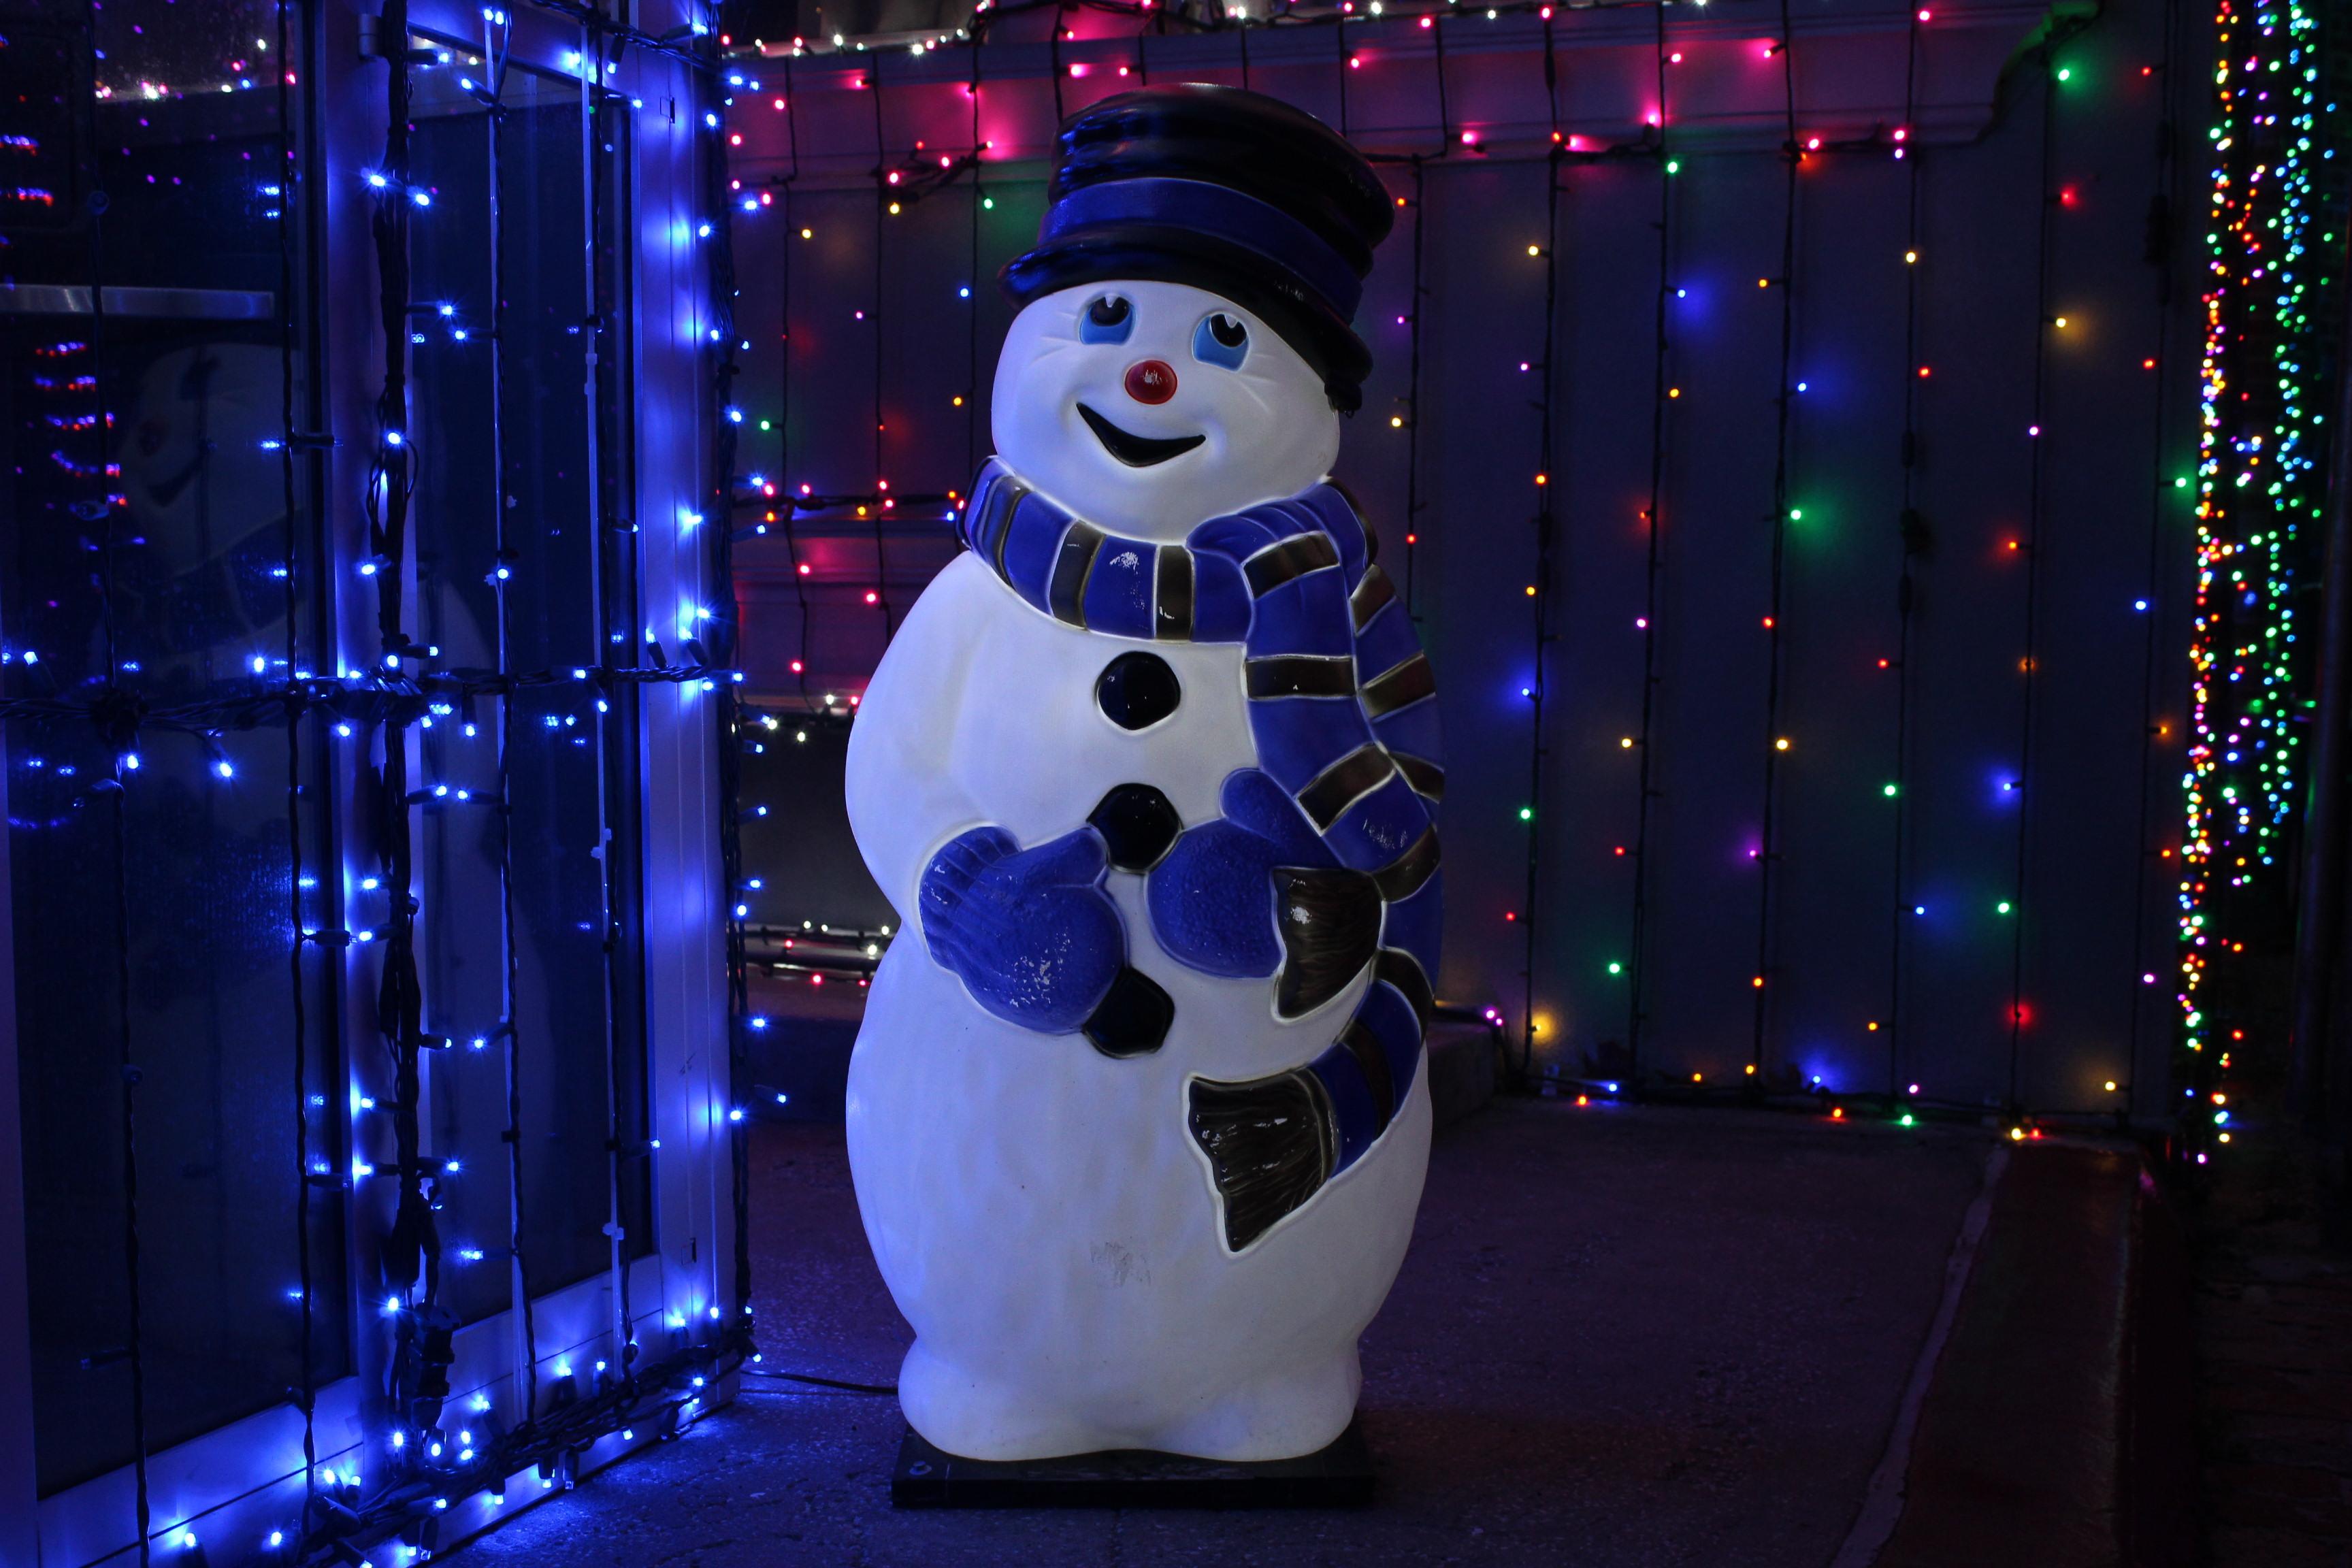 102361 Hintergrundbild herunterladen Feiertage, Neujahr, Weihnachten, Schneemann, Neues Jahr, Hintergrundbeleuchtung, Beleuchtung, Garland, Girlanden - Bildschirmschoner und Bilder kostenlos